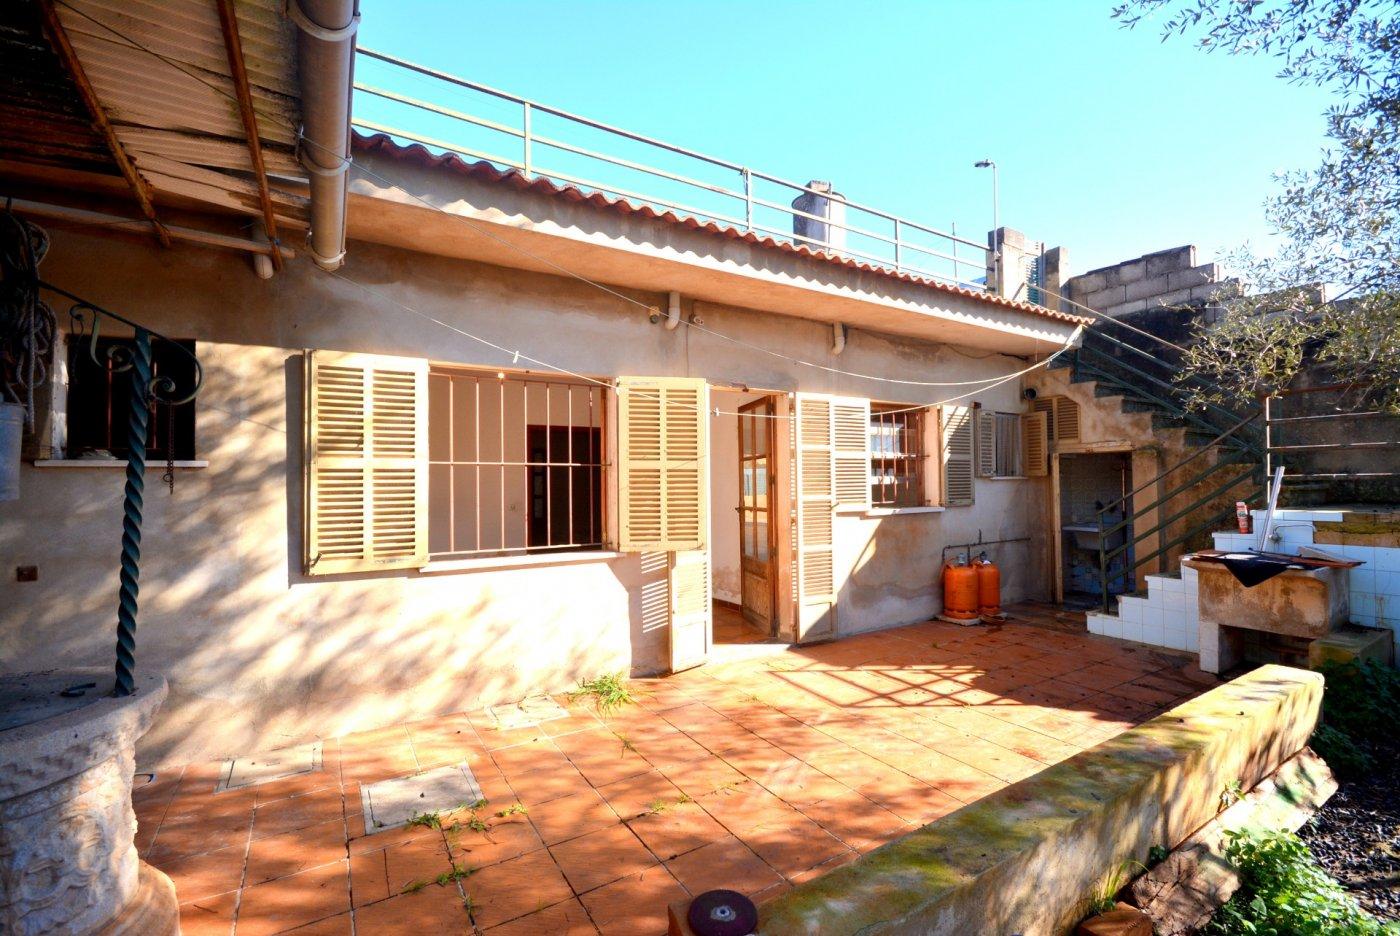 Casa techo libre con terreno de 385m2, zona santa maría - imagenInmueble27